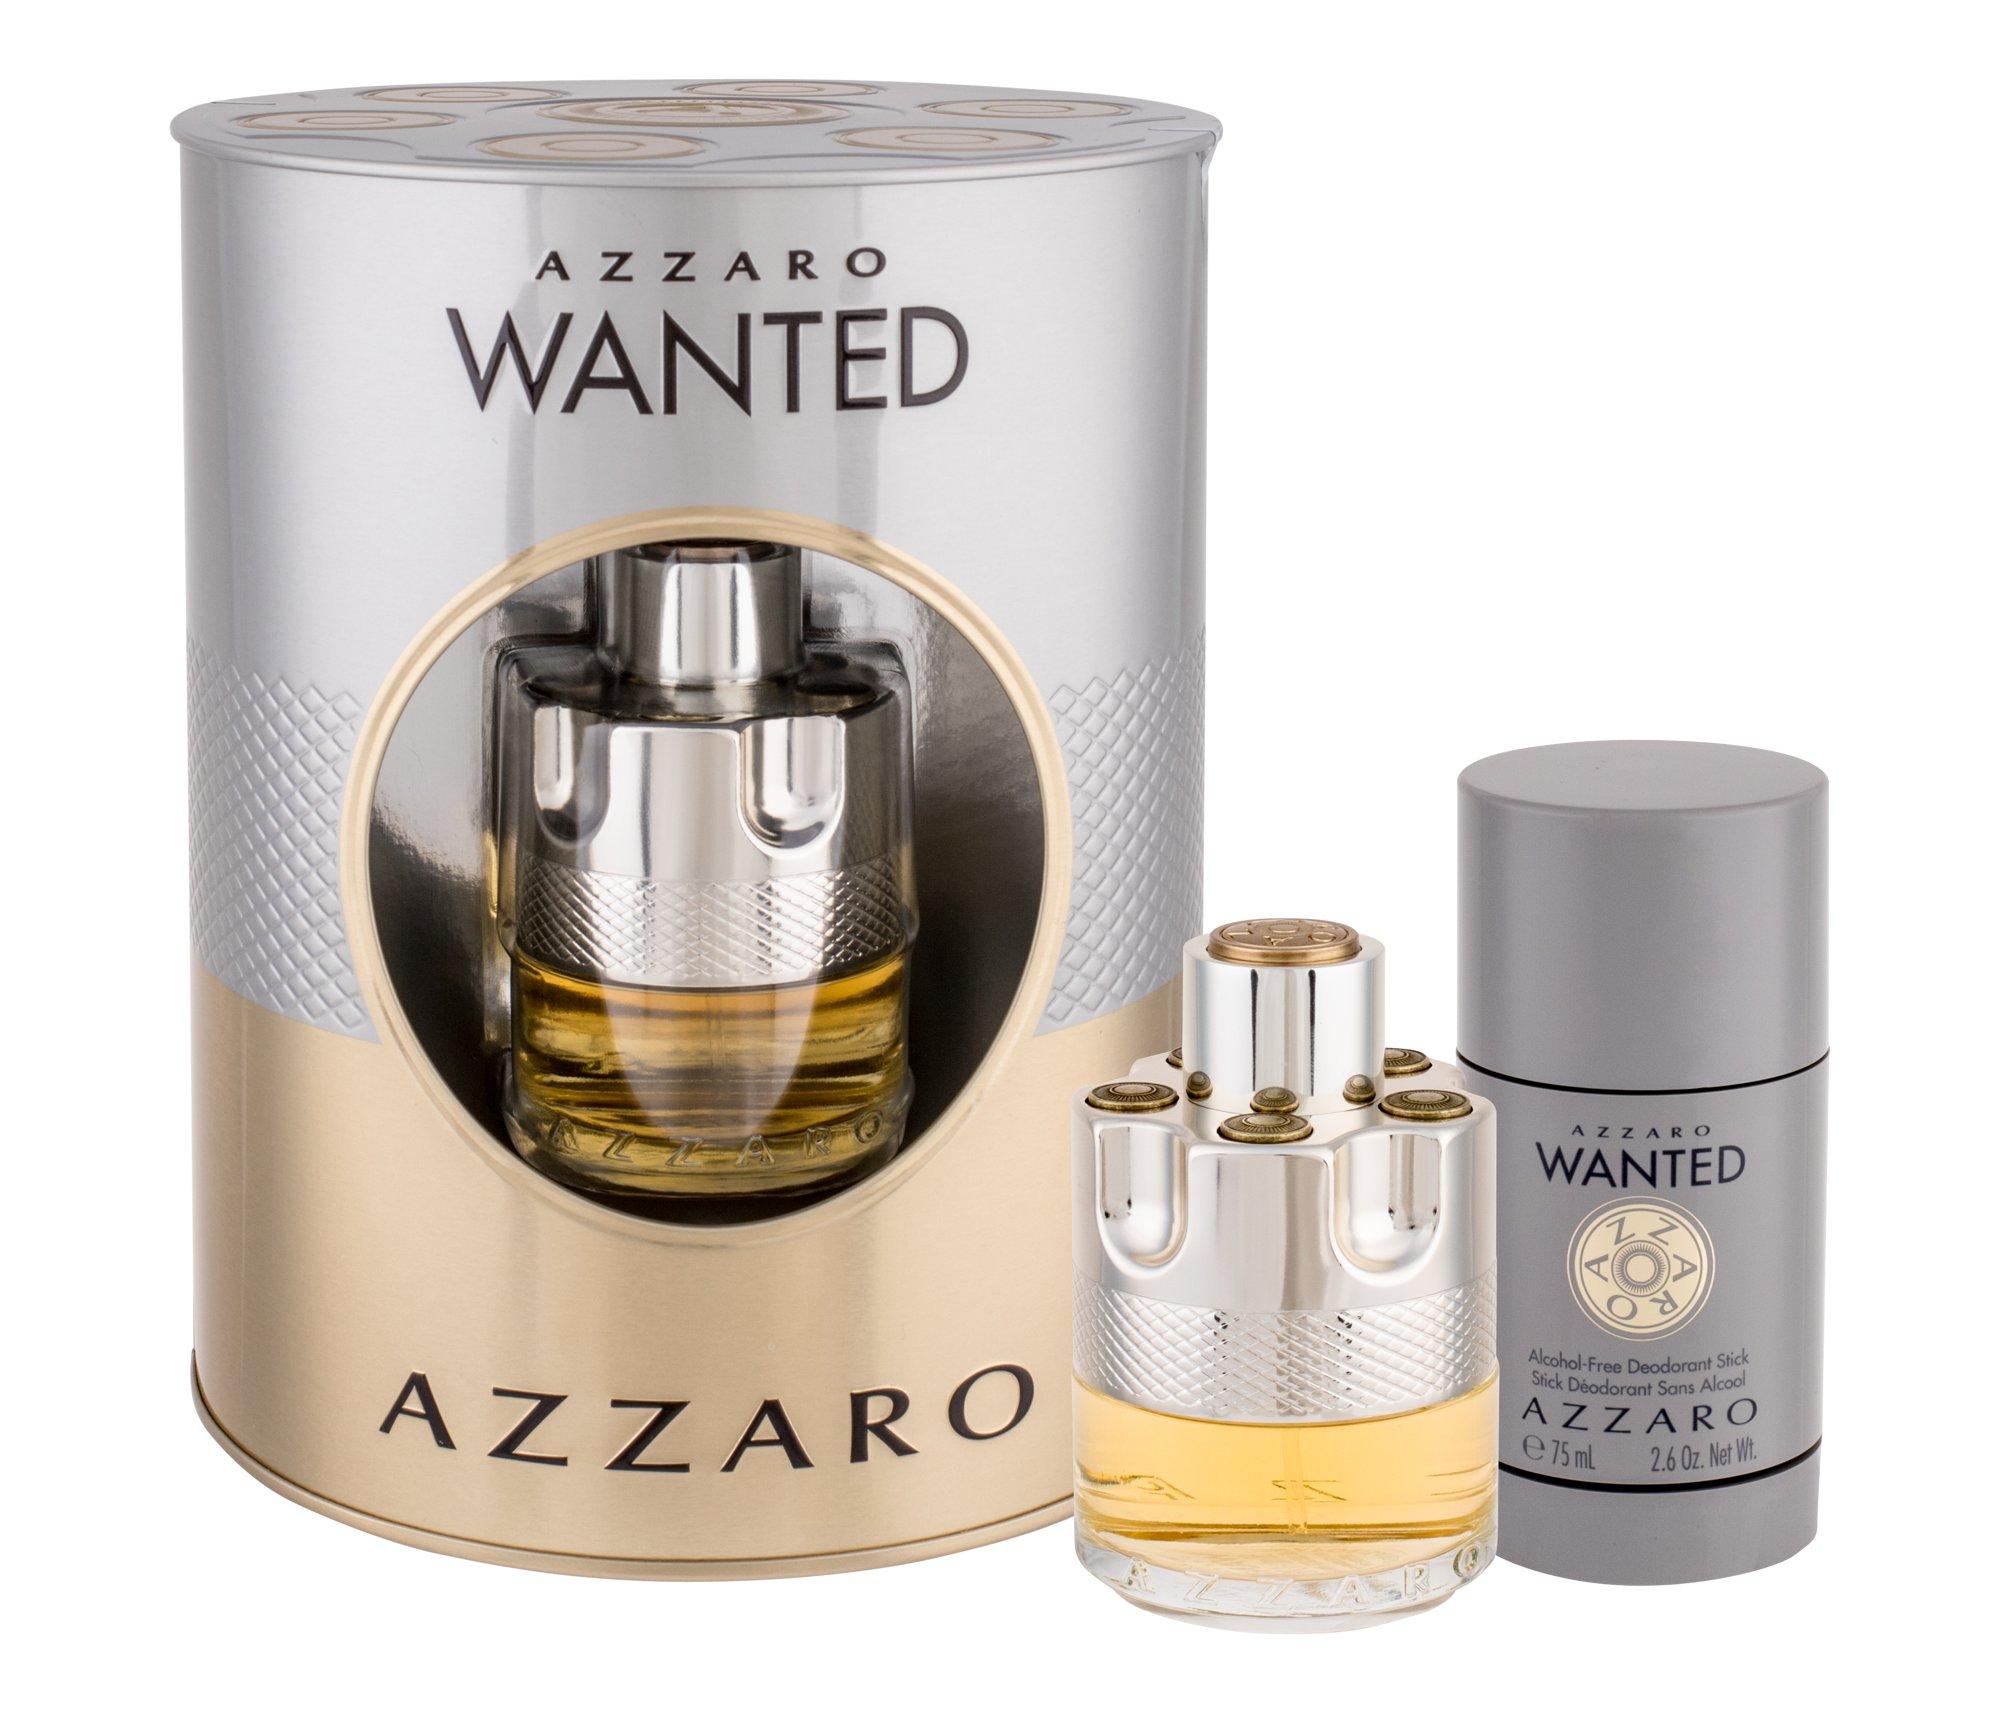 Azzaro Wanted, toaletná voda 50 ml + deostick 75 ml